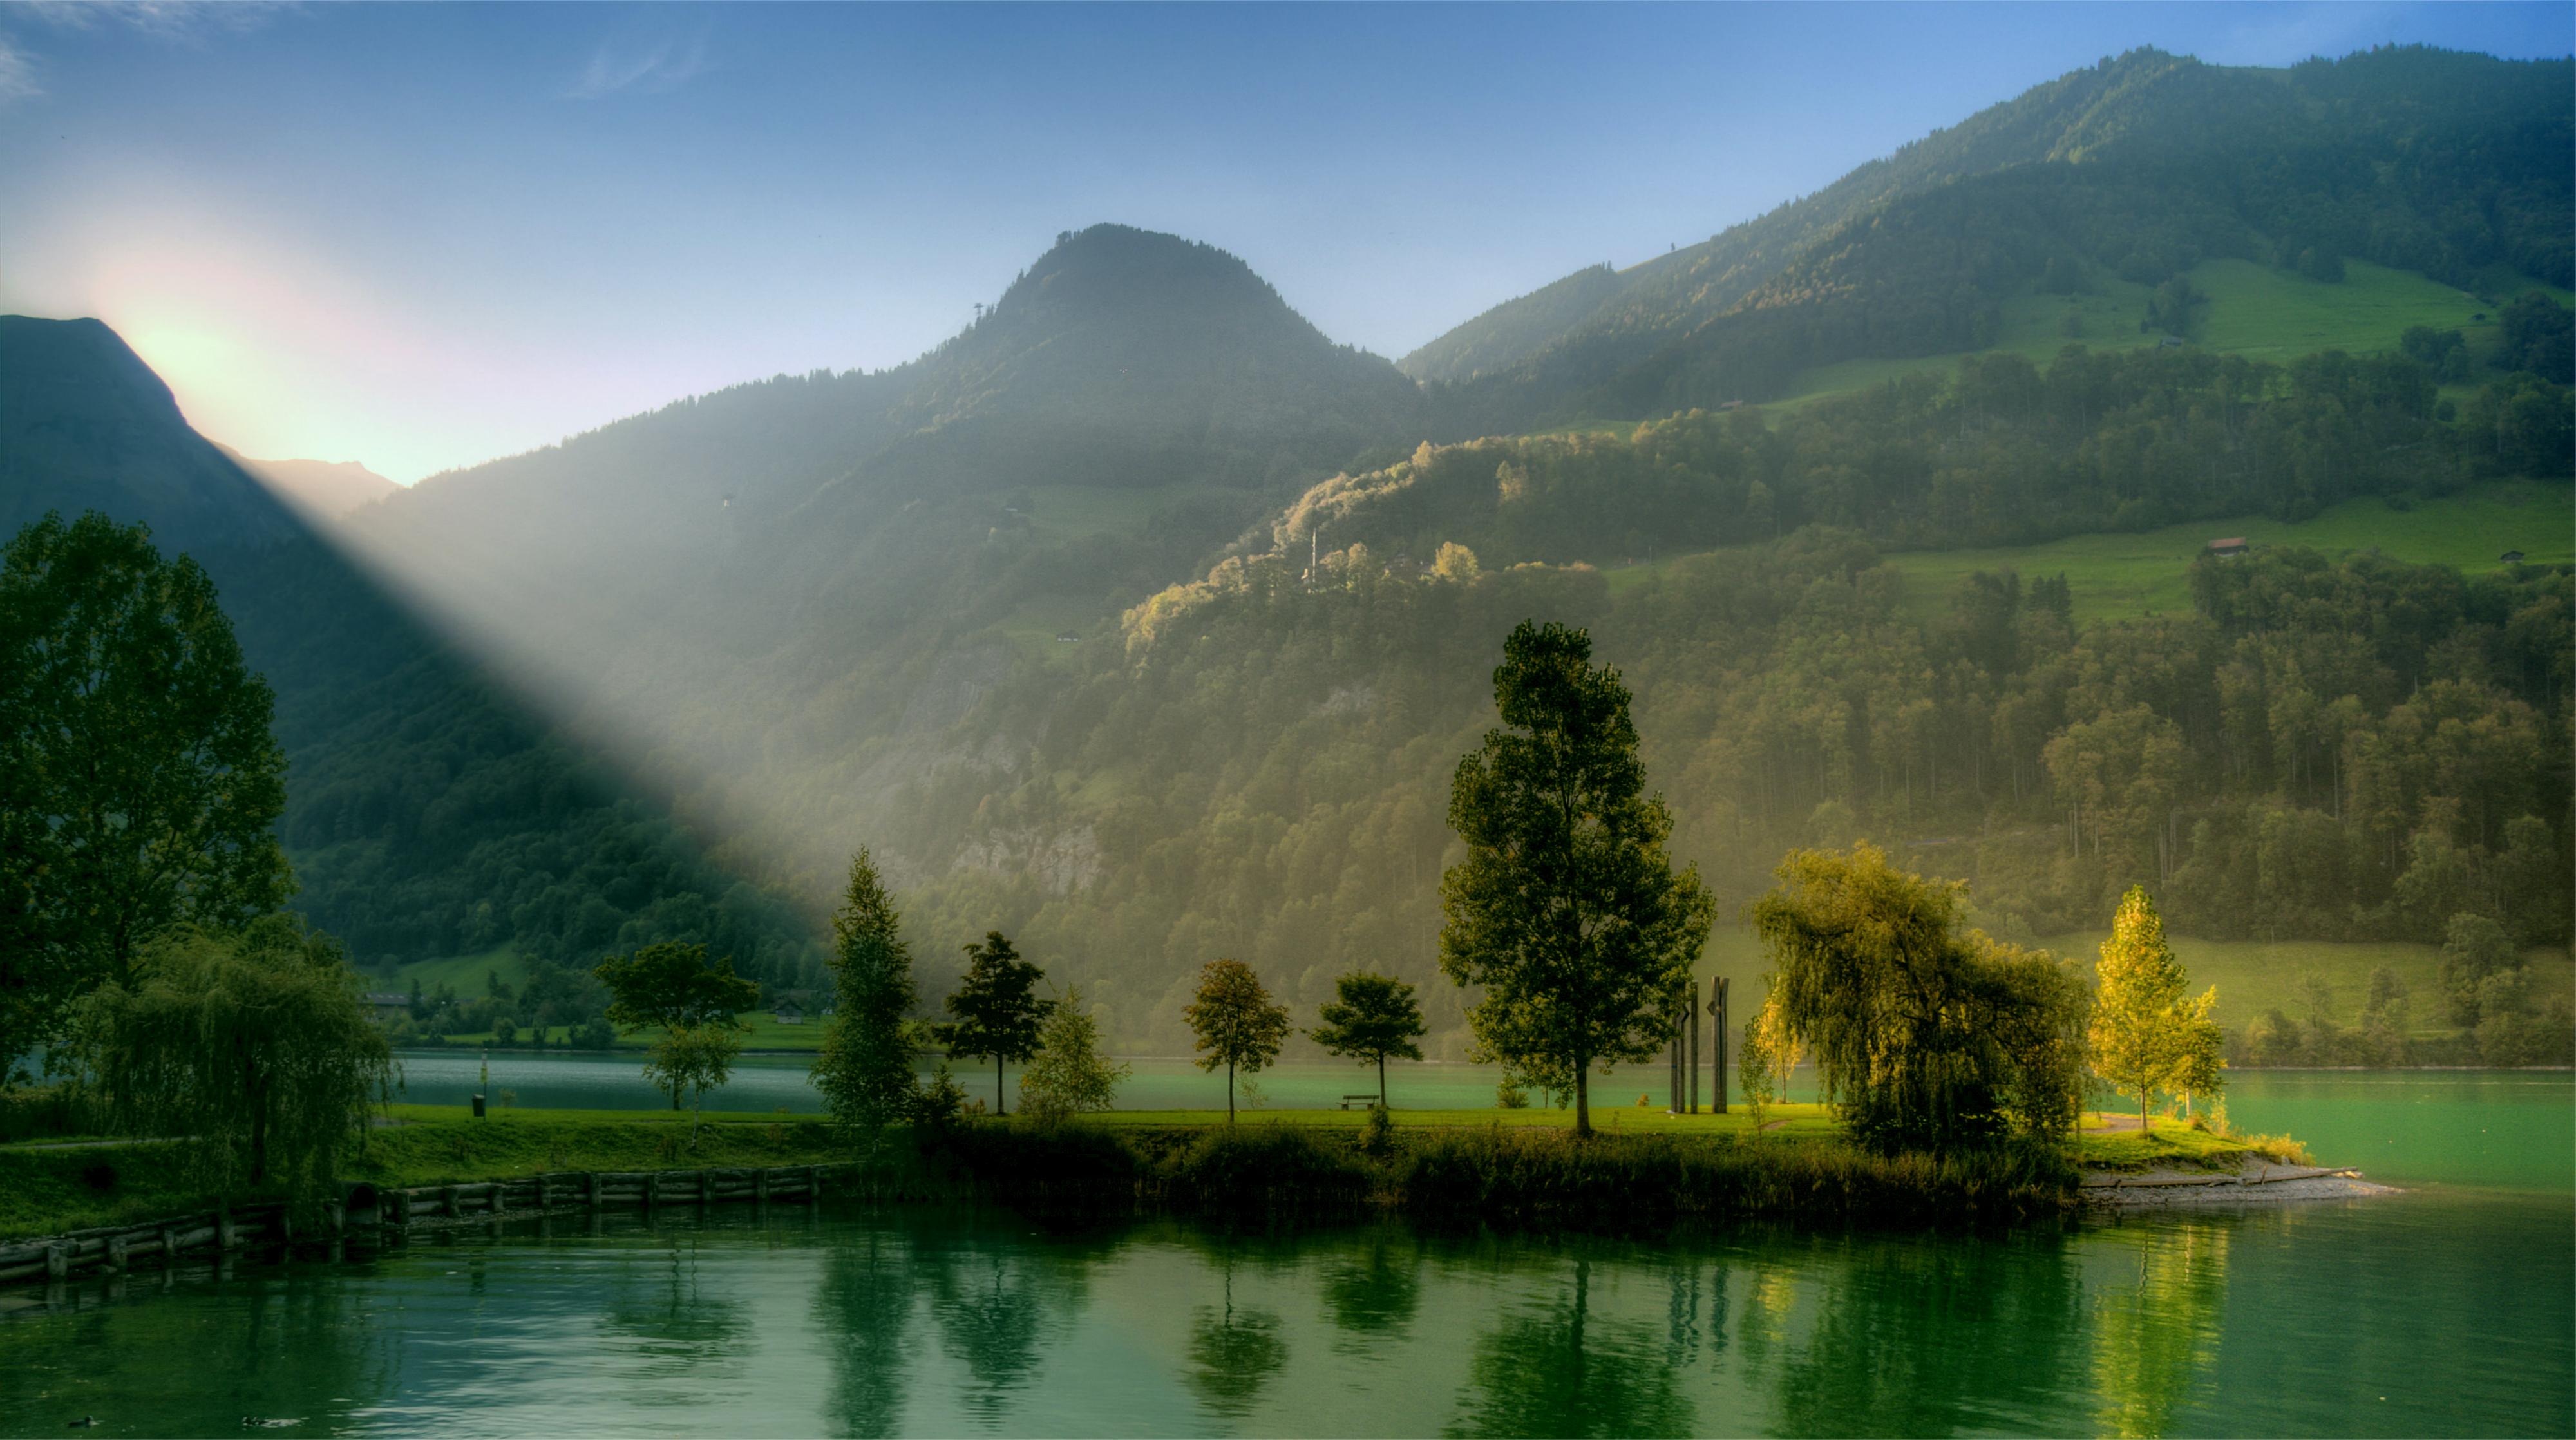 горы рассвет деревья вода  № 3850762 загрузить